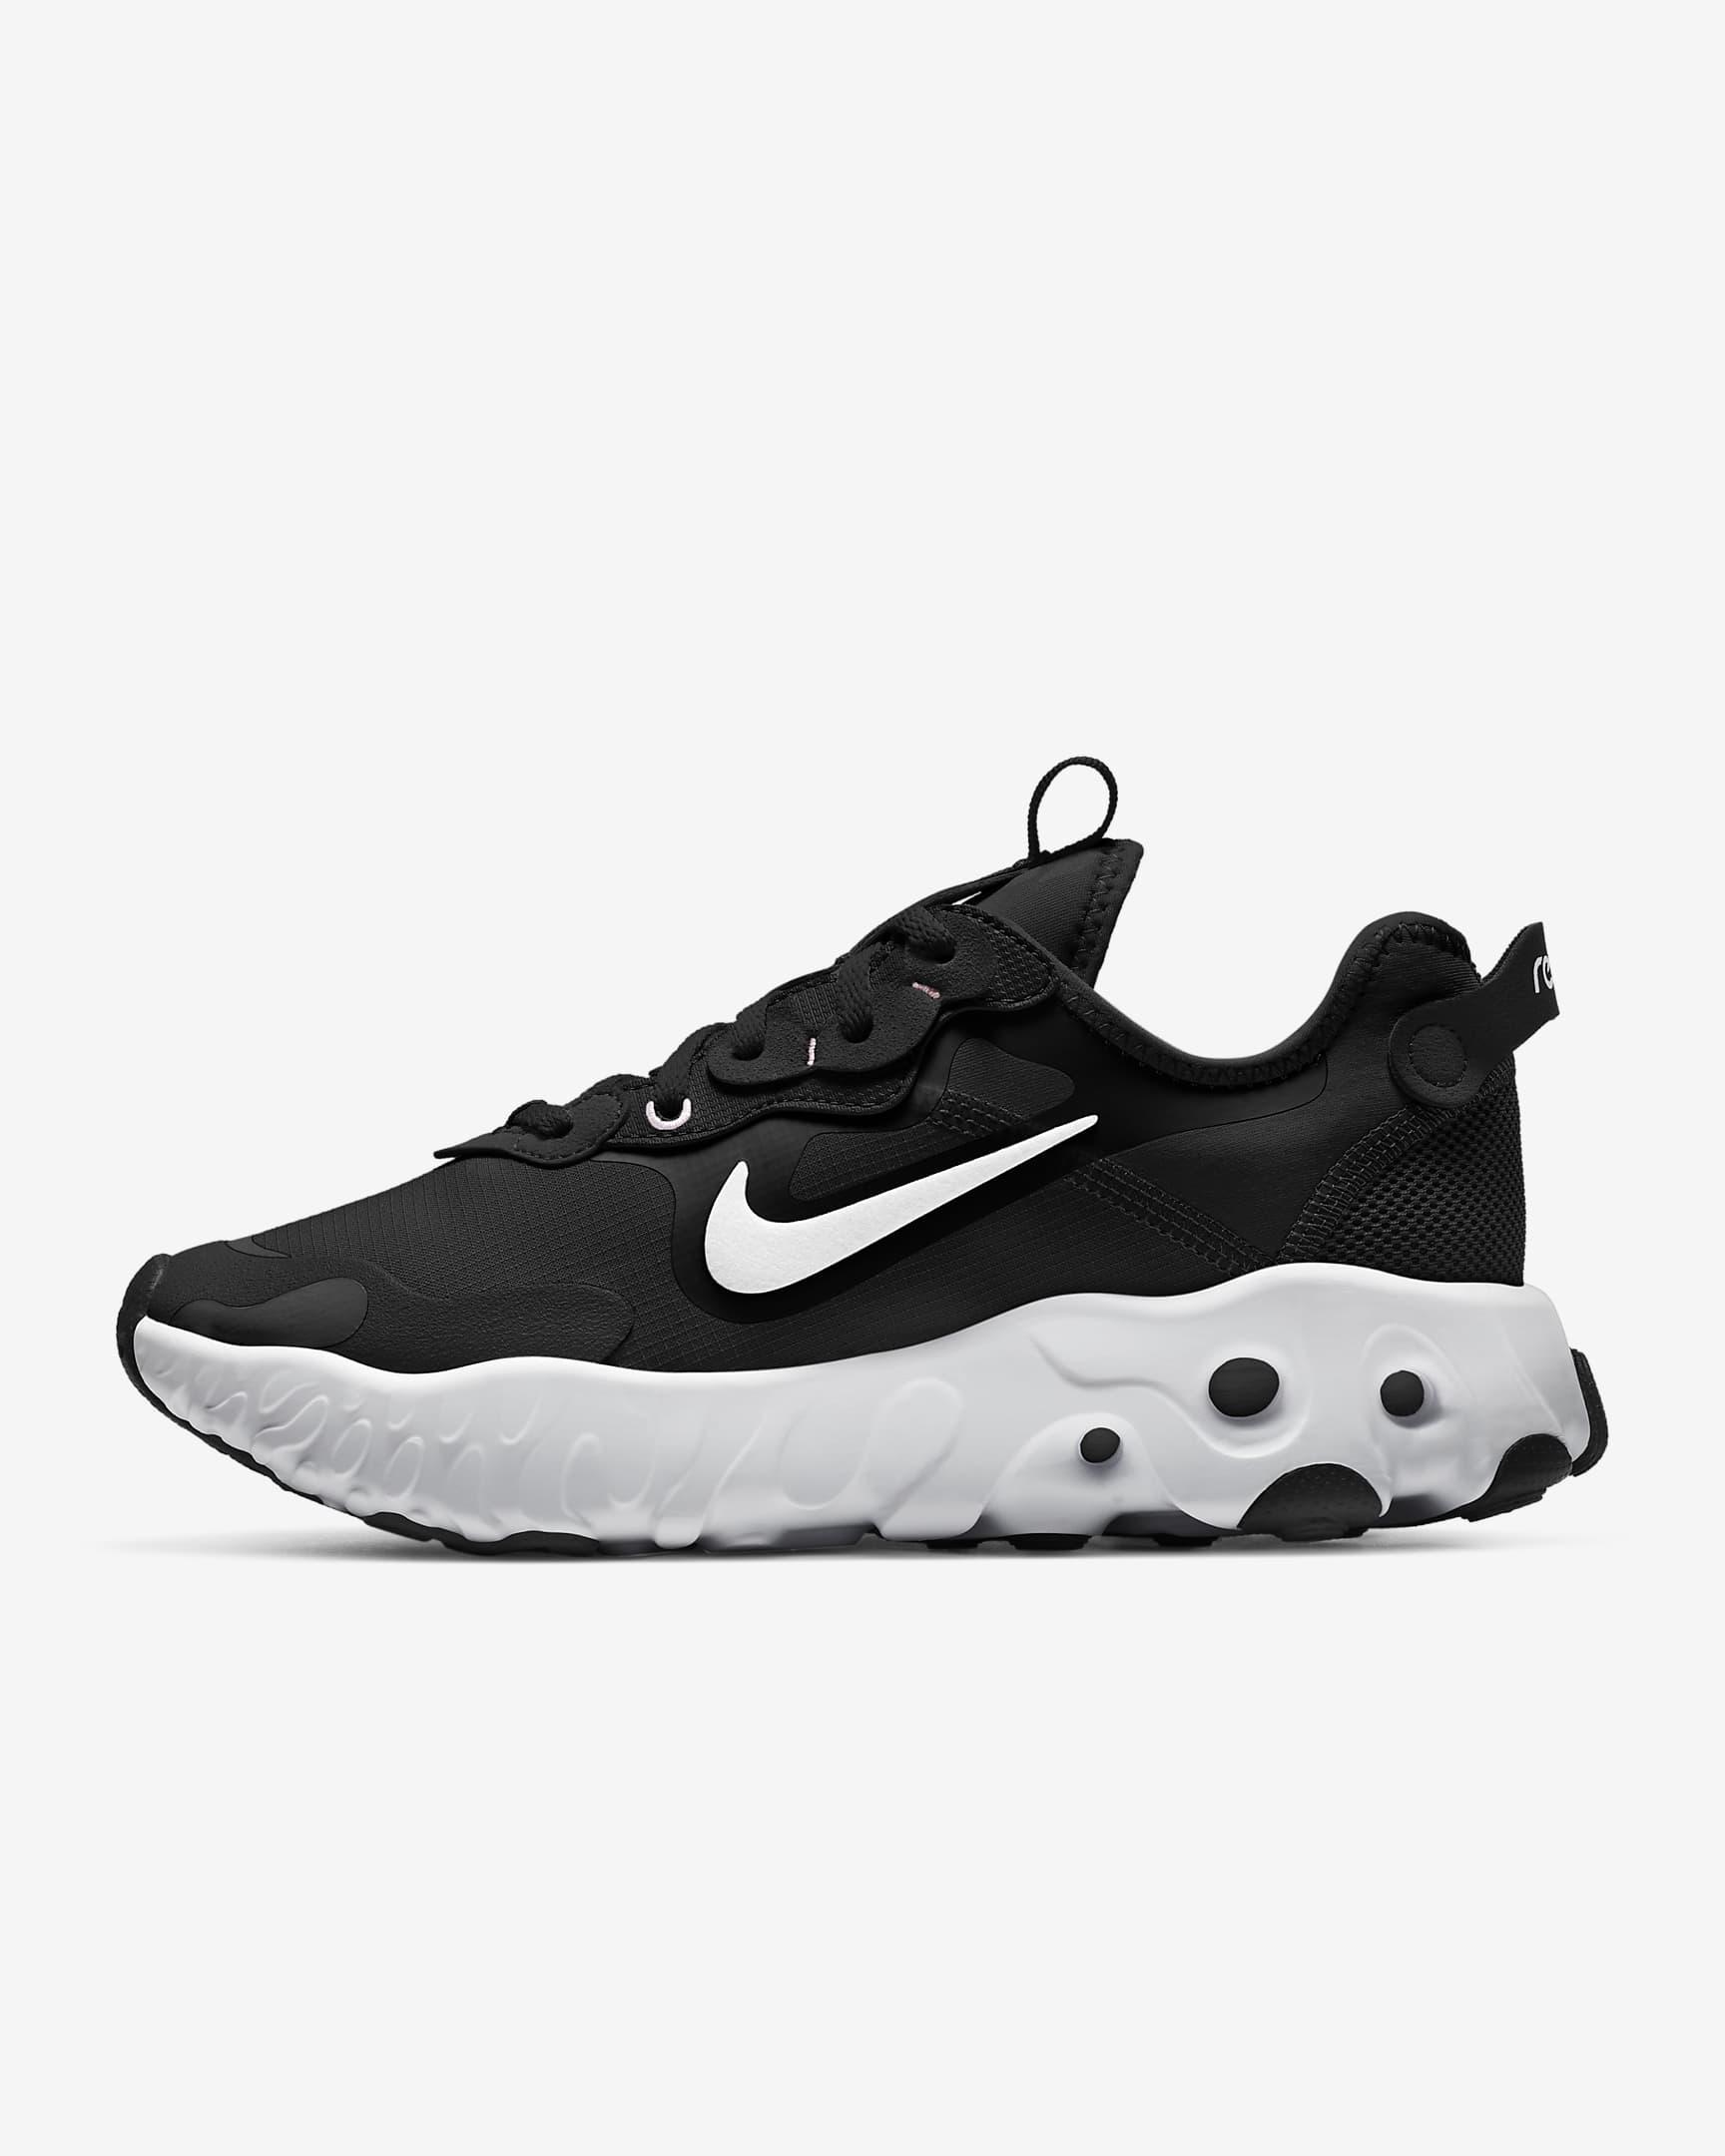 Estas zapatillas cuentan con la primera espuma React confeccionada específicamente para mujer y ofrecen una comodidad inigualable con un toque actual.